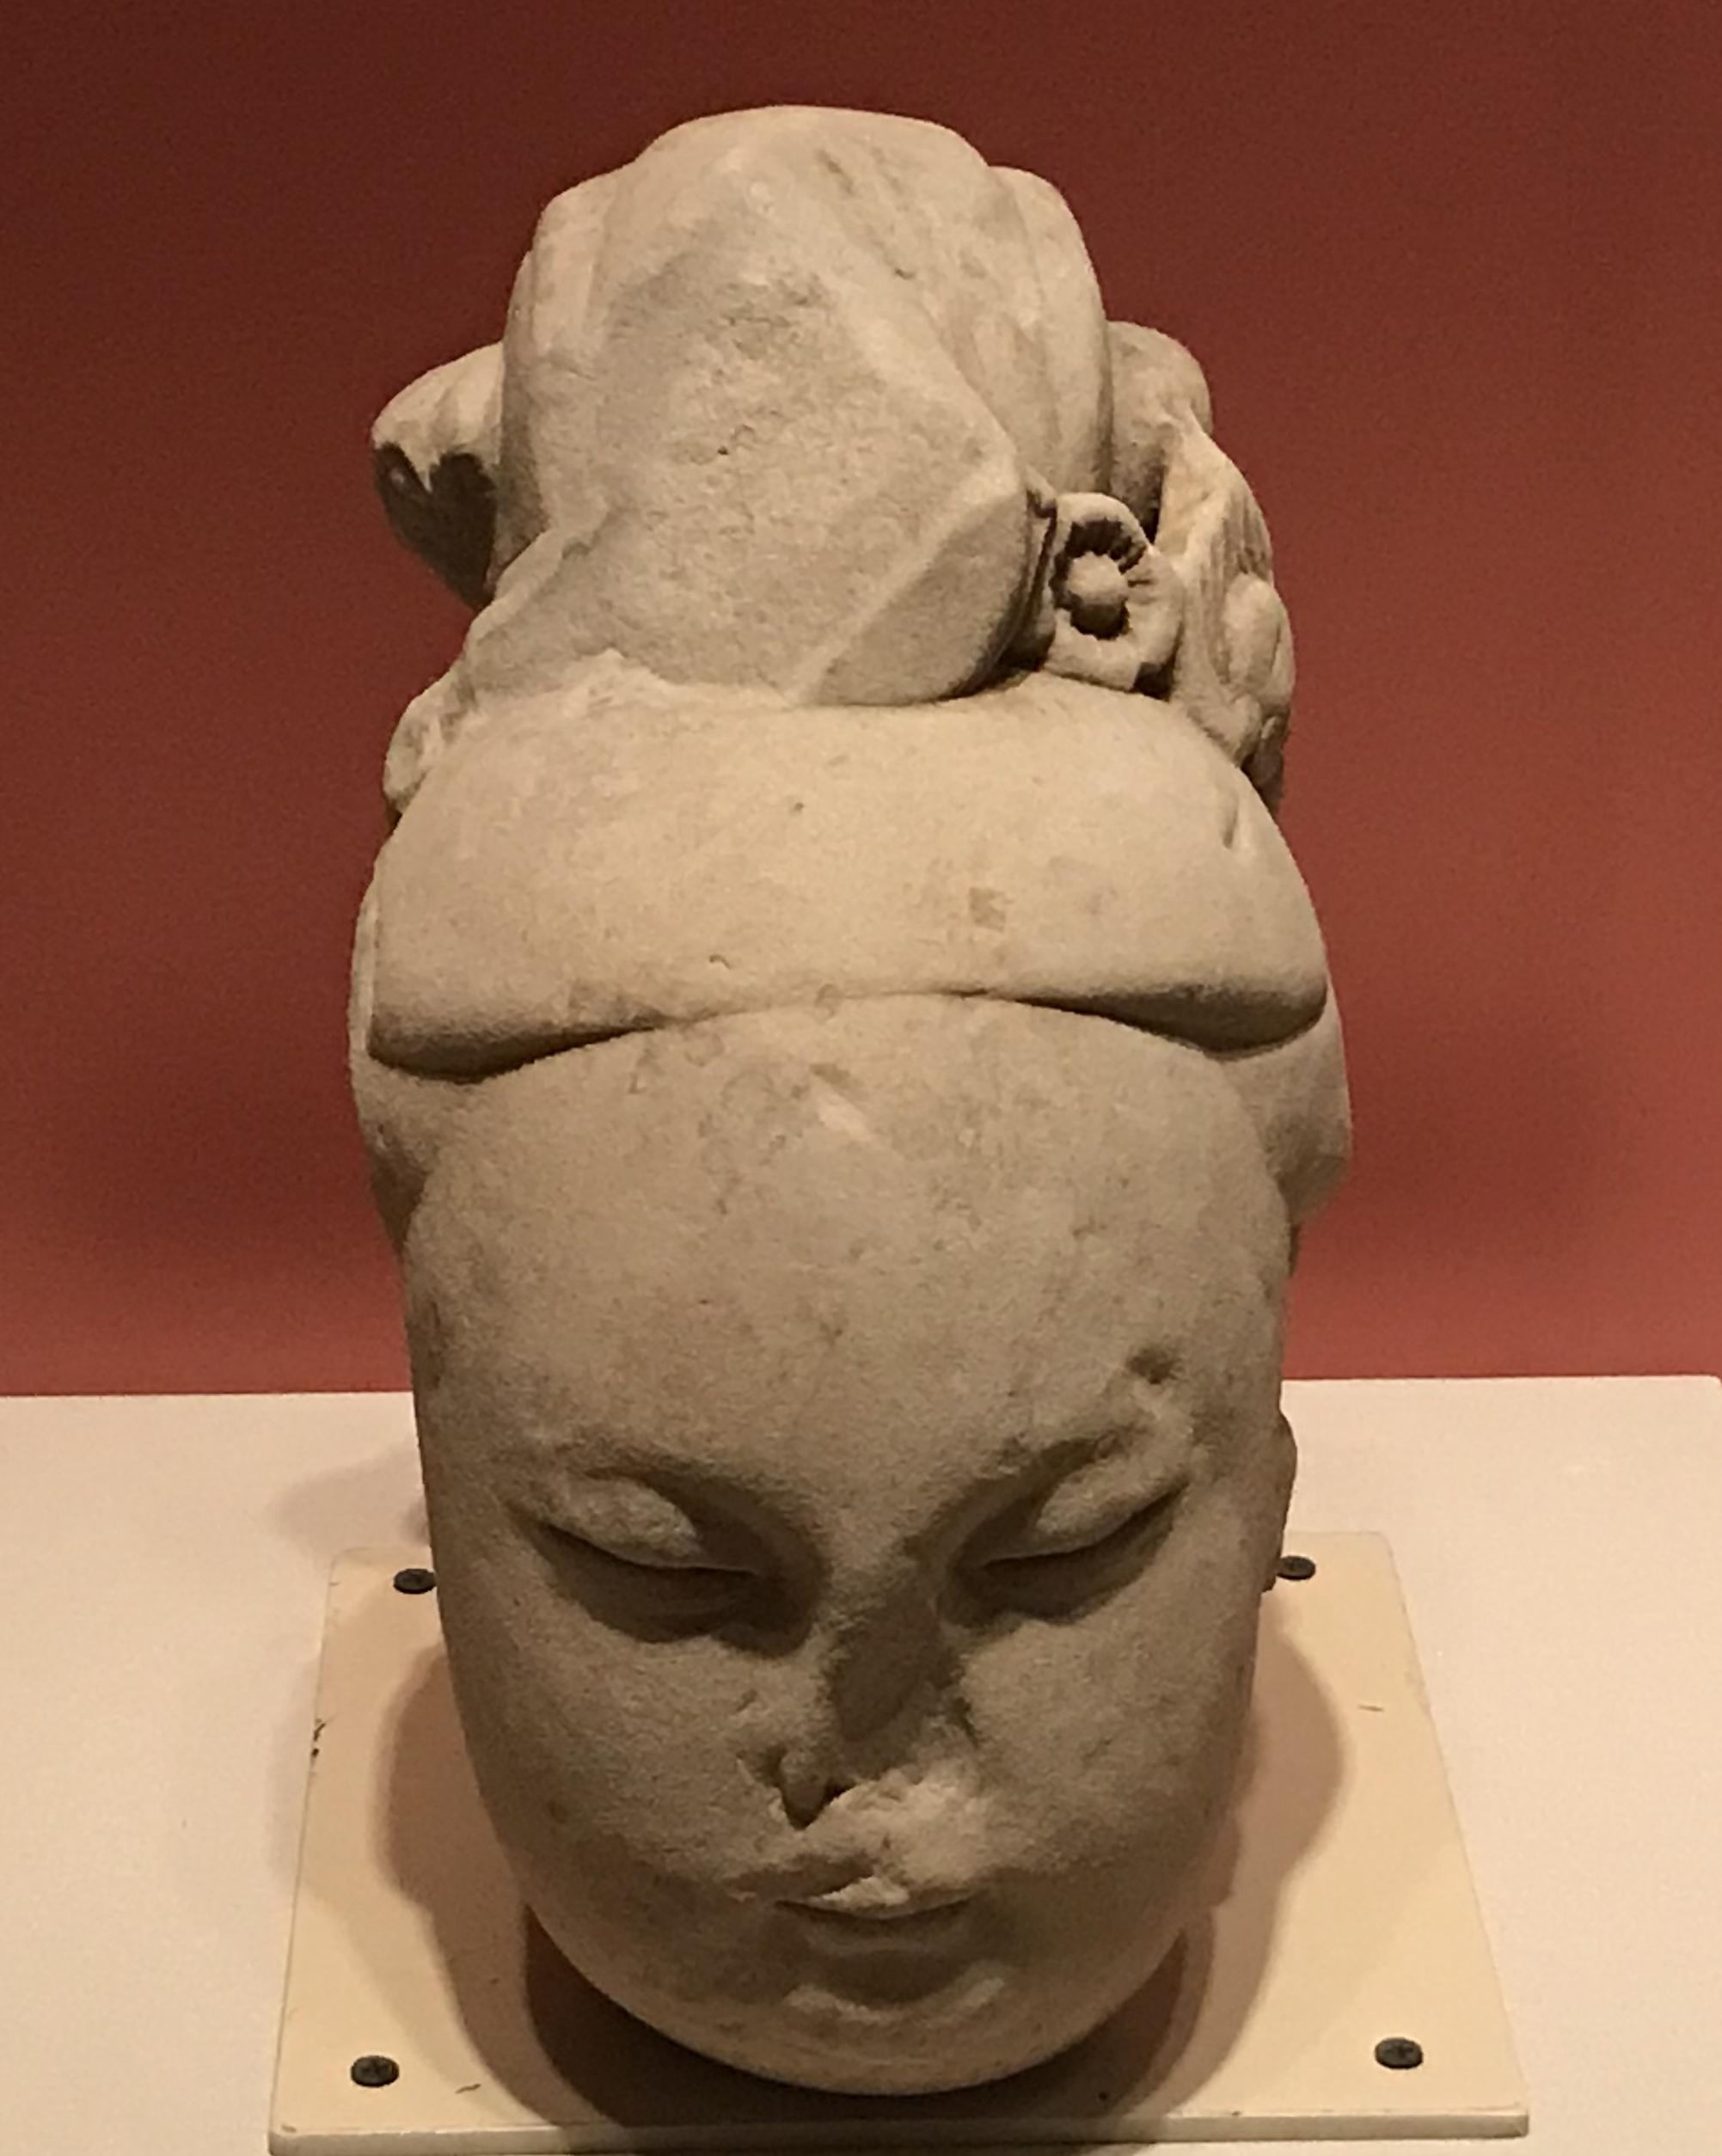 侍女頭像-明時代-天下の大足-大足石刻の発見と継承-金沙遺跡博物館-成都